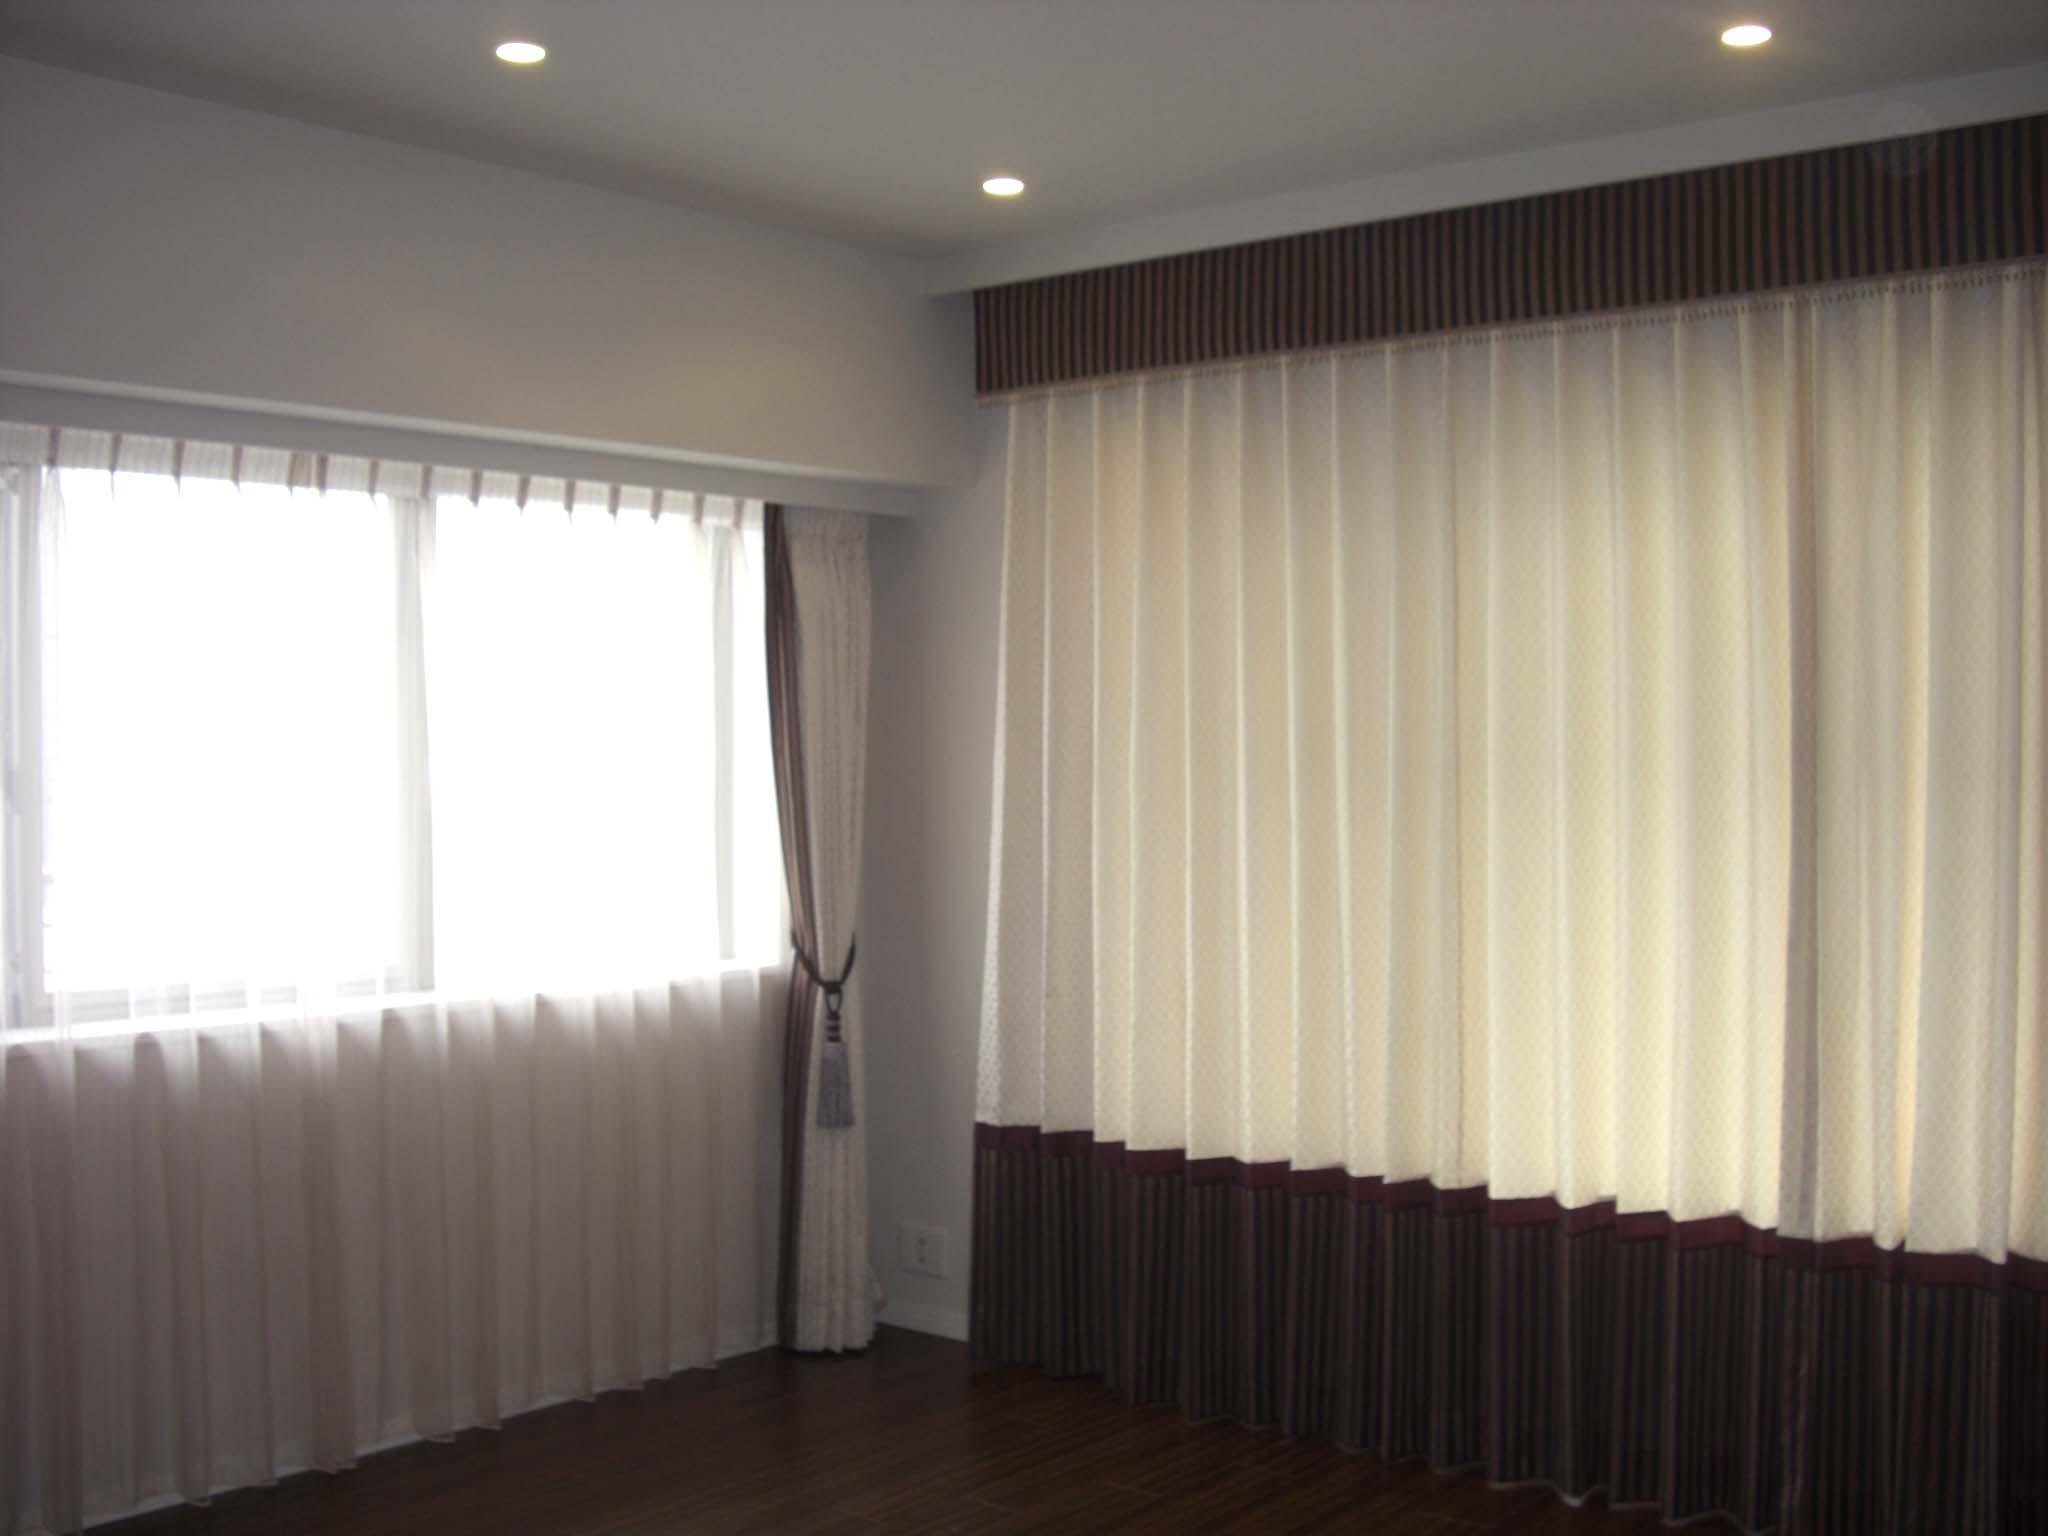 デザイン違いカーテン.JPG